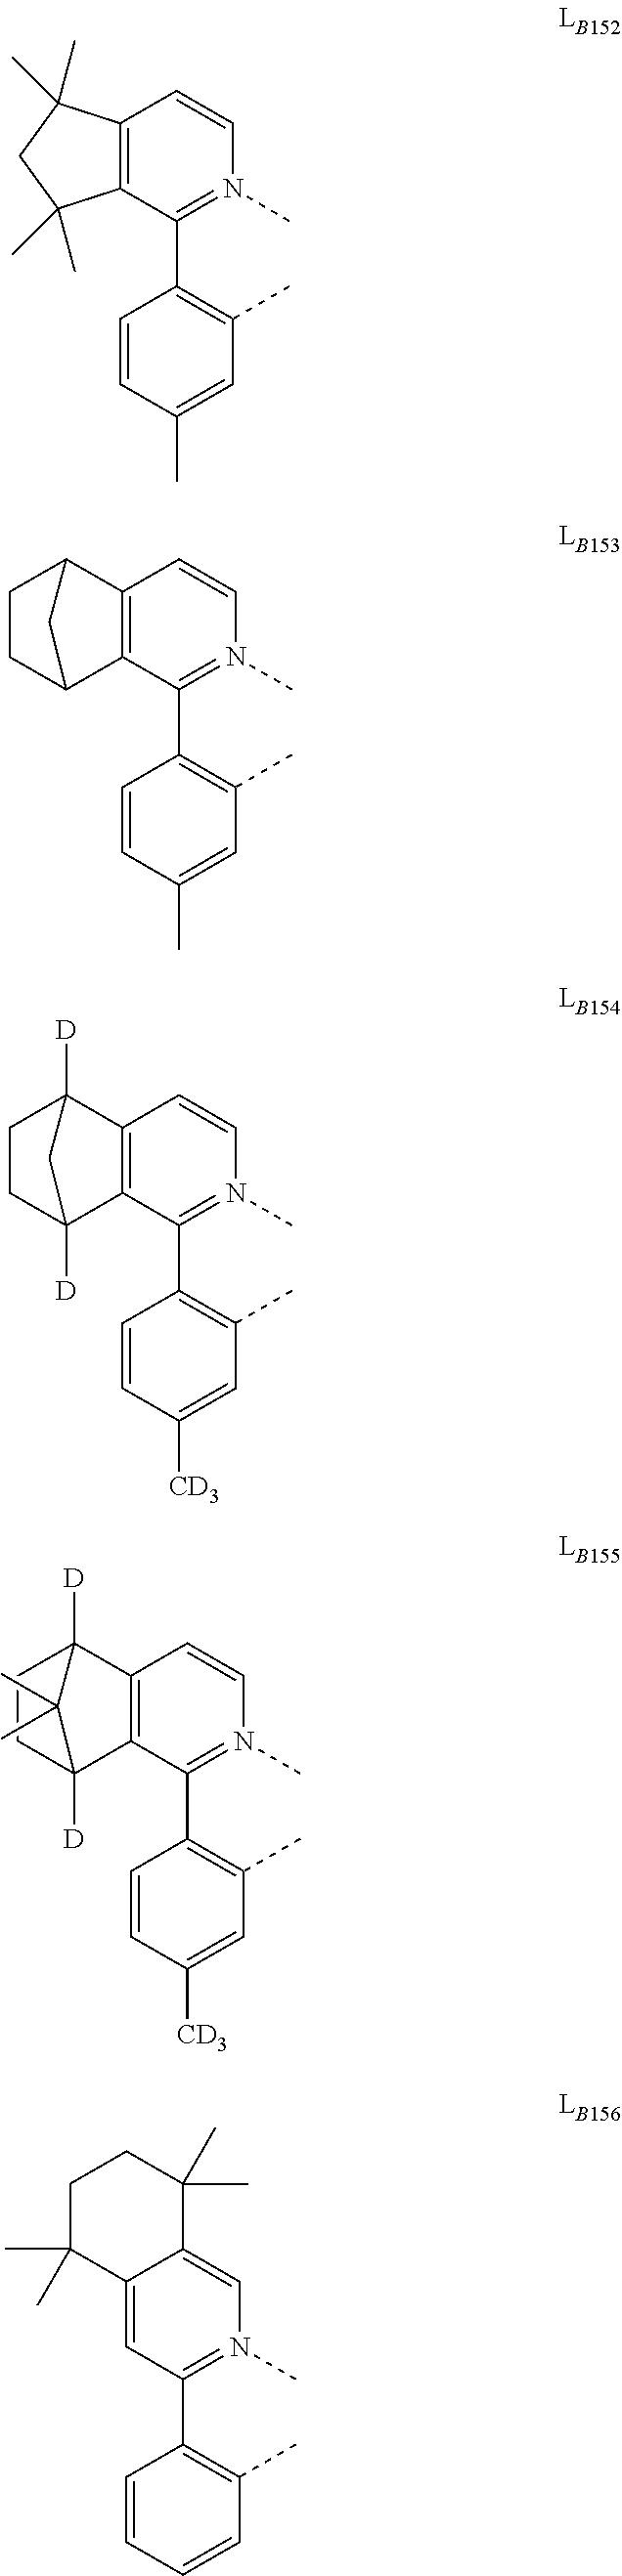 Figure US09929360-20180327-C00247